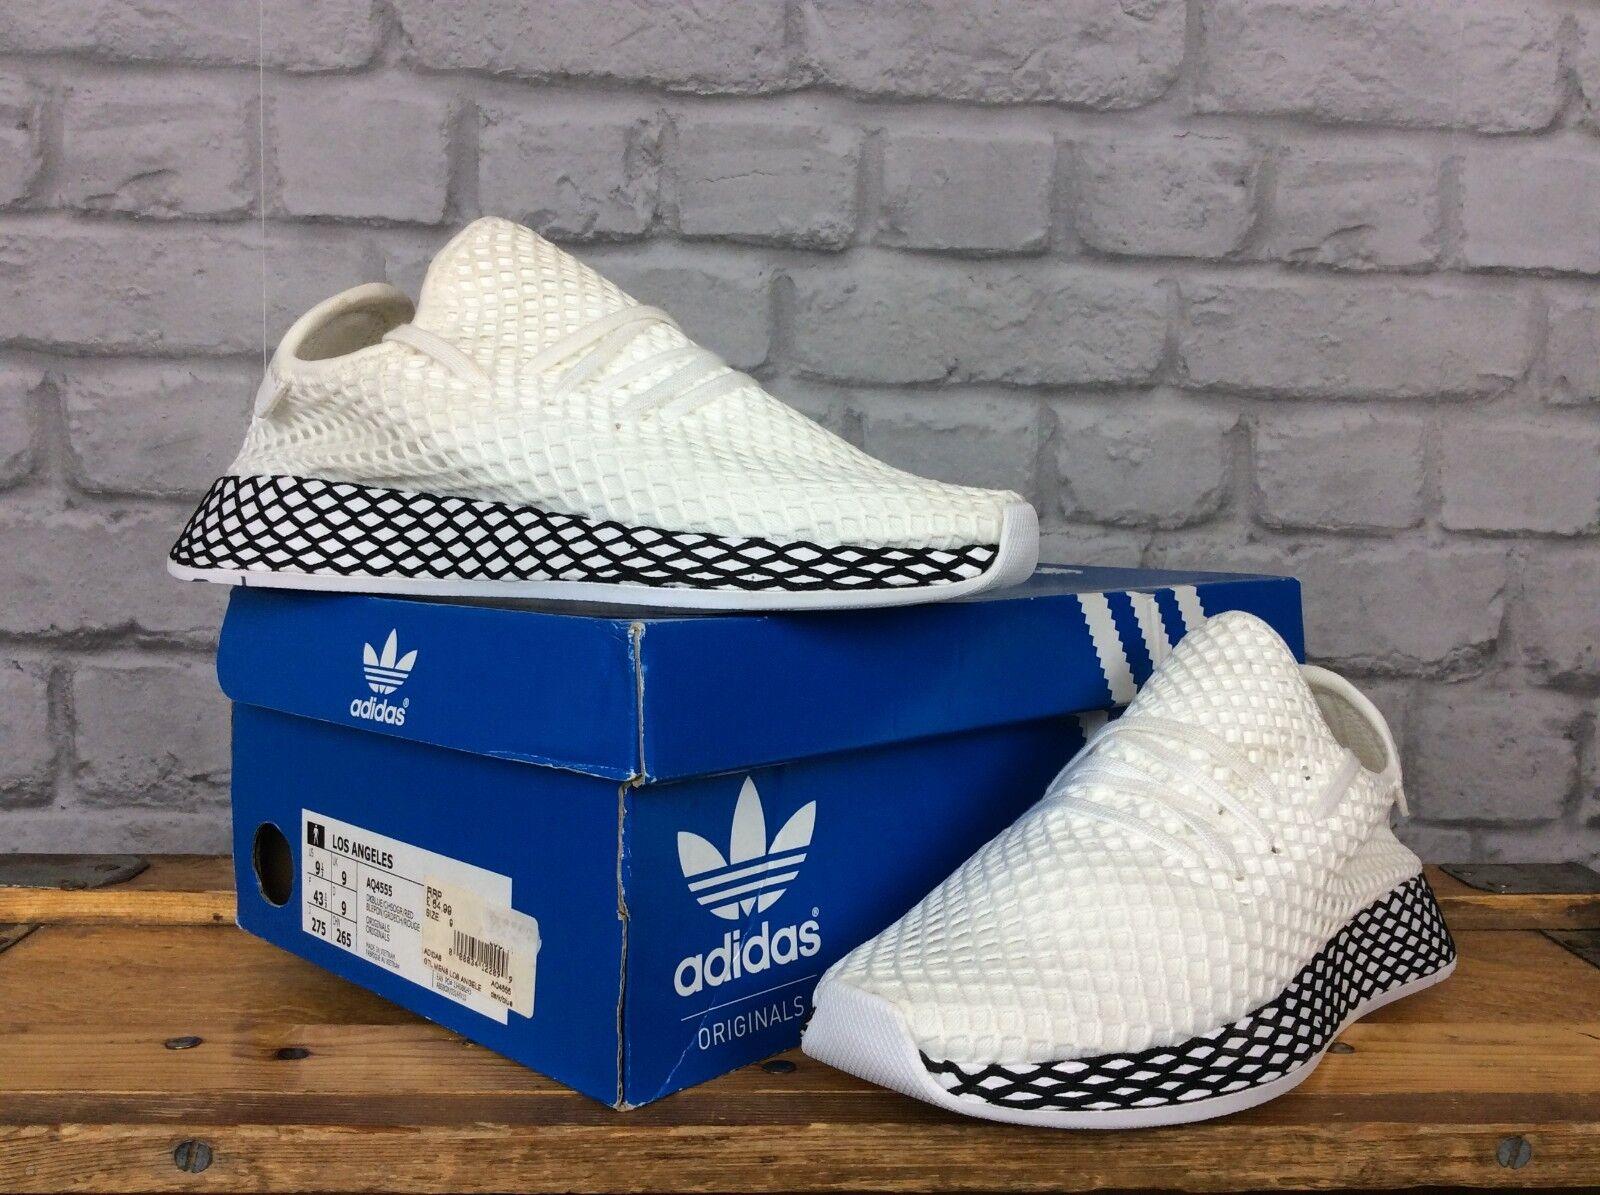 Adidas UK 5 EU 38 blancoo Negro Negro Negro deerupt Malla Zapatillas Niños Niñas Niños Damas  más vendido